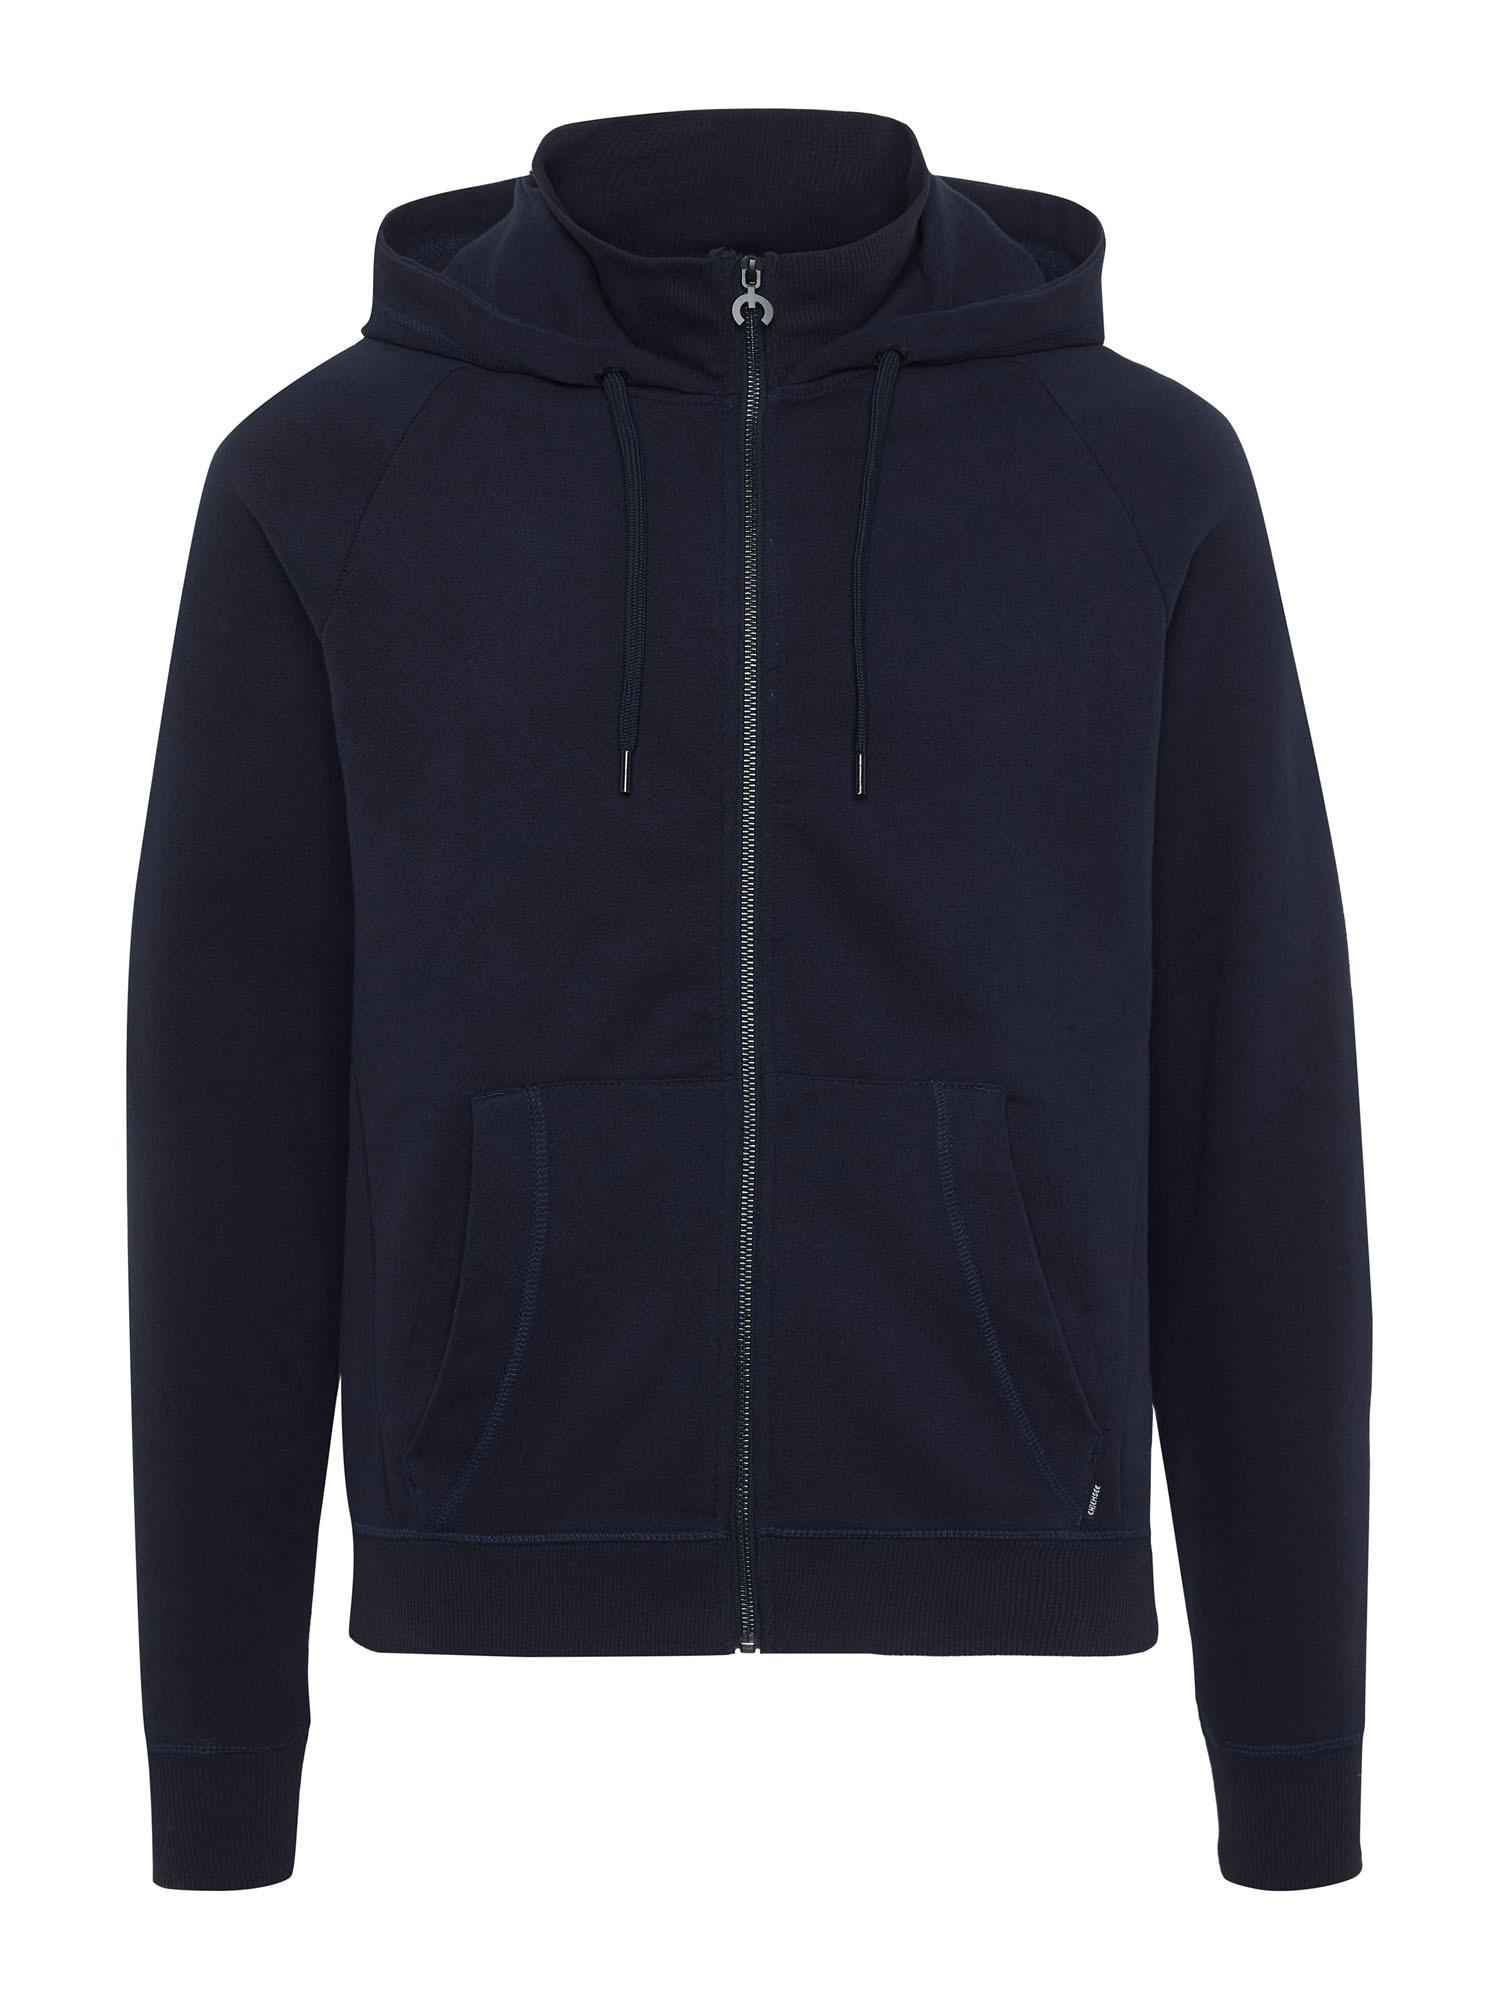 CHIEMSEE Sportinis džemperis nakties mėlyna